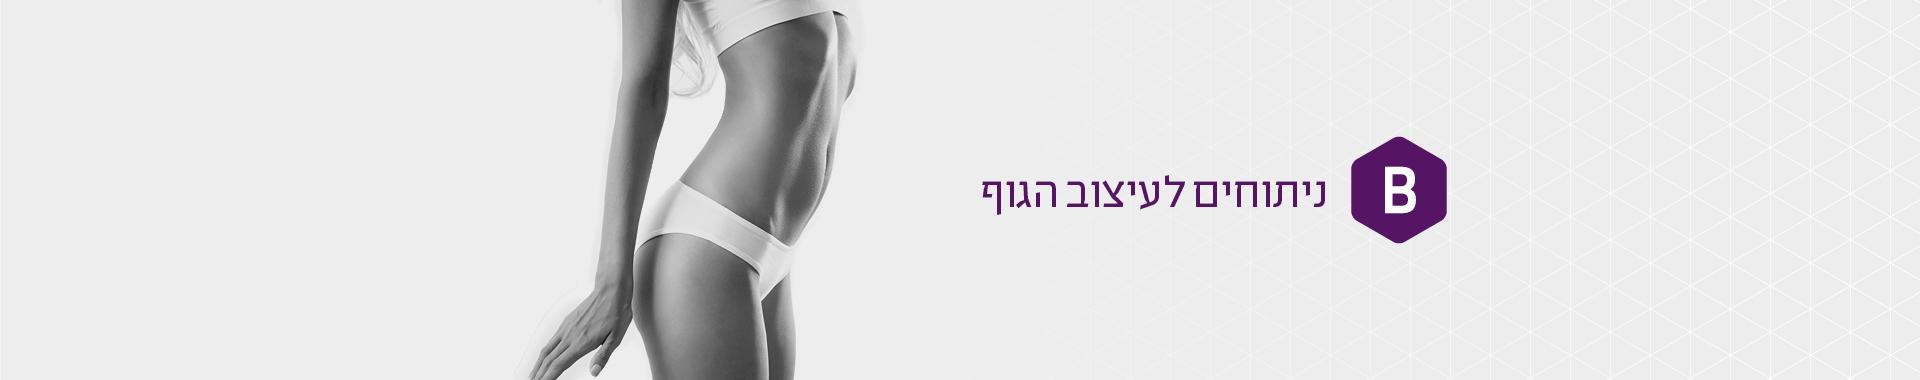 ניתוחים לעיצוב הגוף